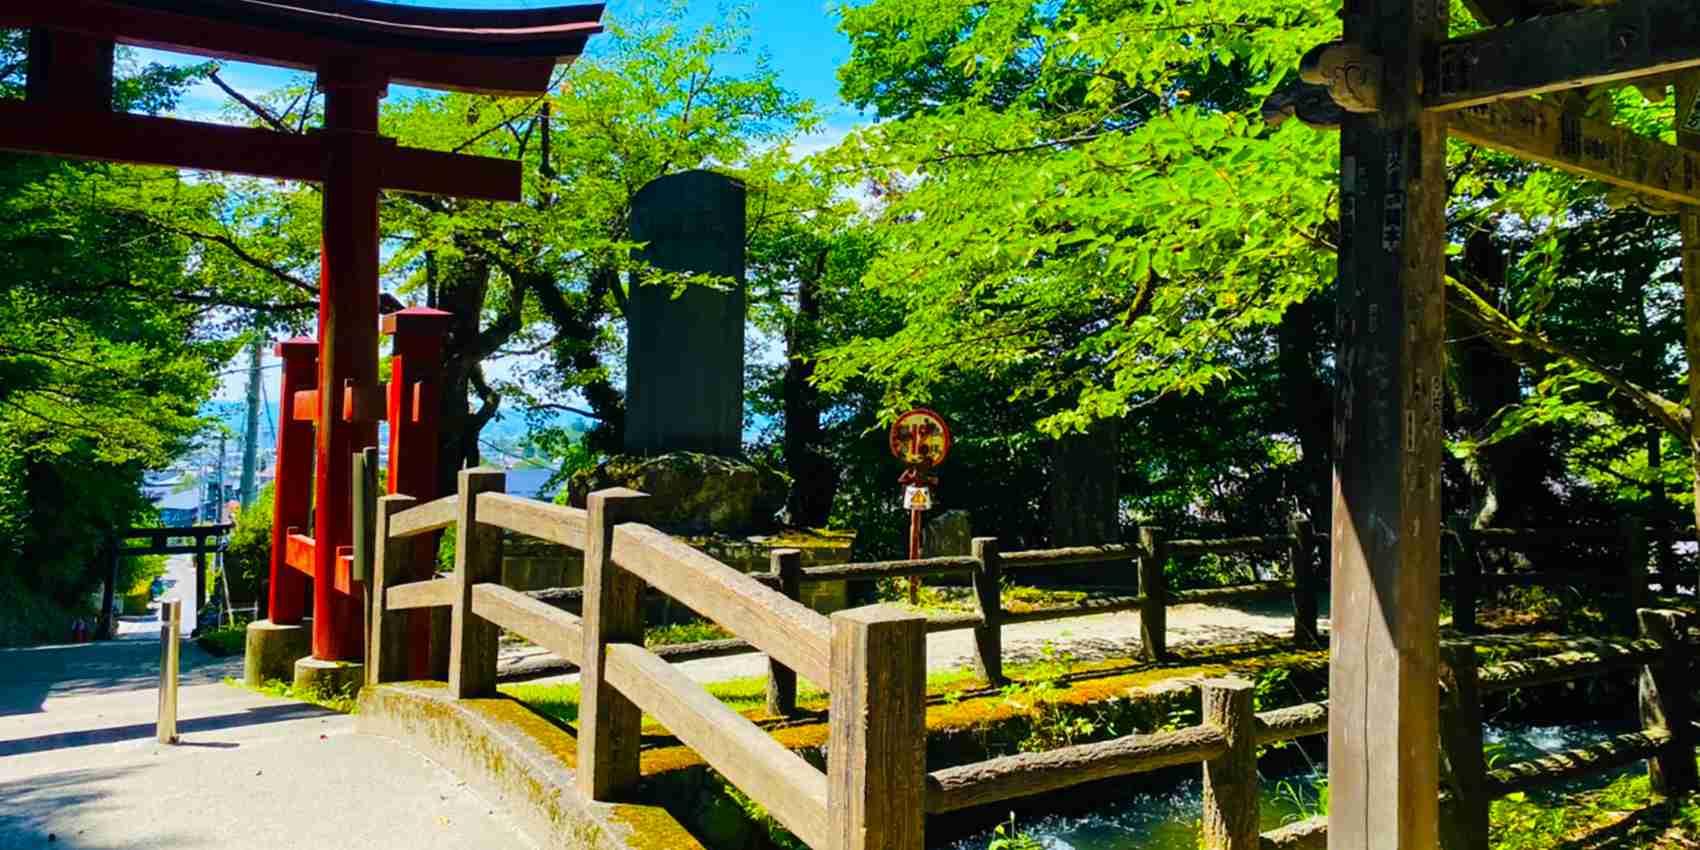 会津若松のおすすめ穴場観光スポット!歴史を感じる飯盛山とおしゃれなアドリア北出丸カフェ